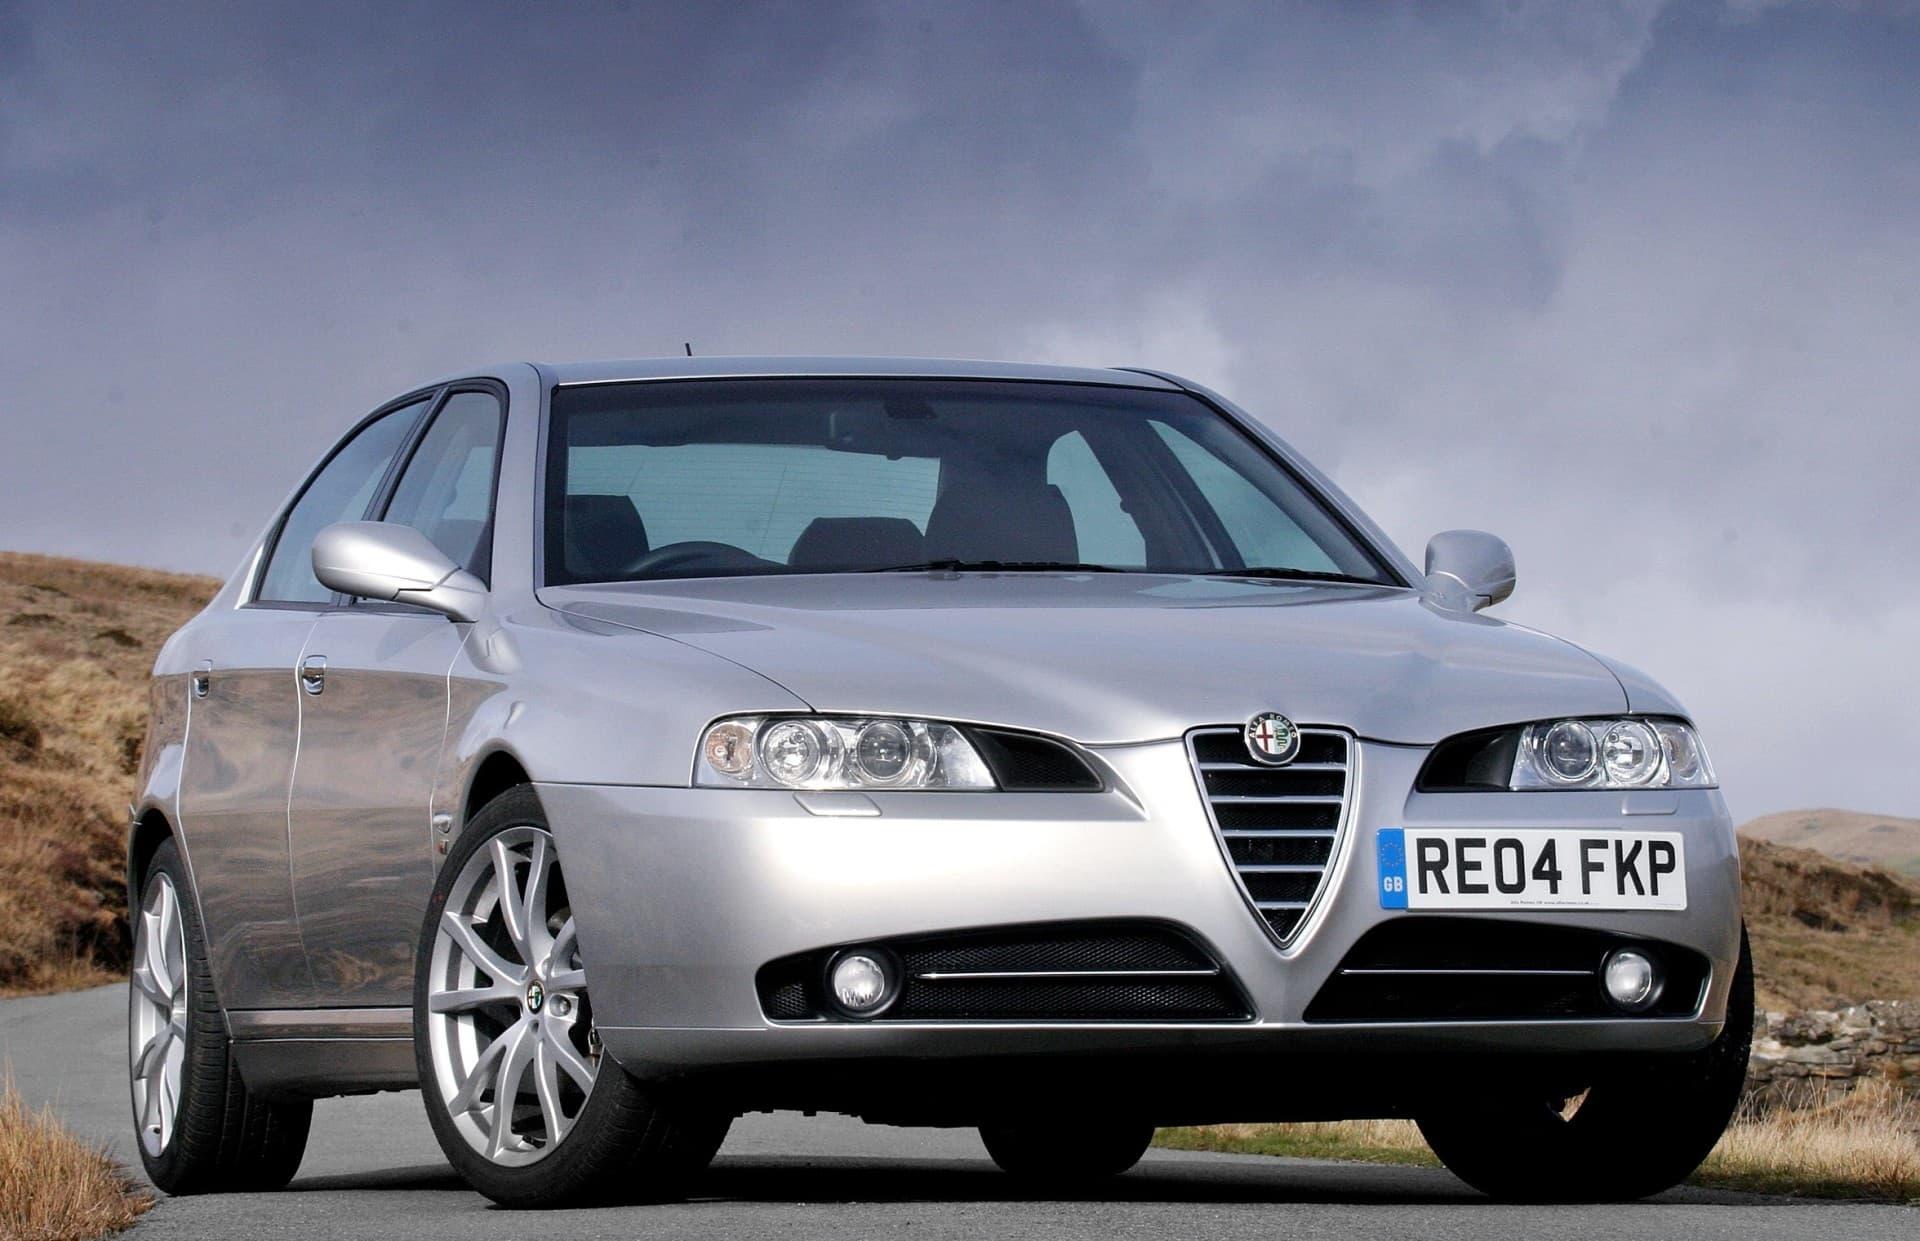 Mejores Coches Segunda Mano Baratos Alfa Romeo 166